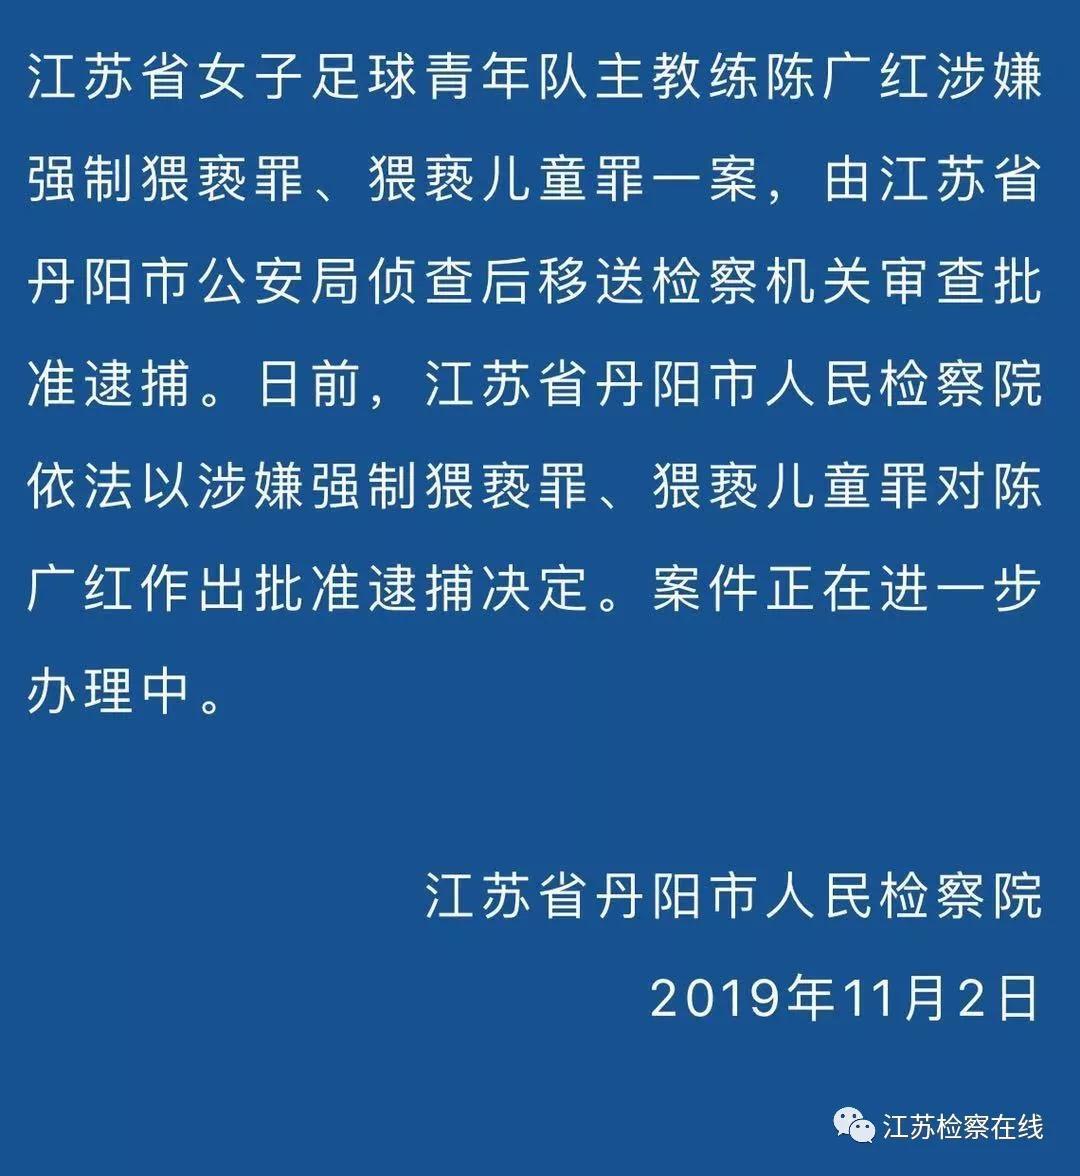 江苏省女子足球青年队主教练陈广红被批准逮捕